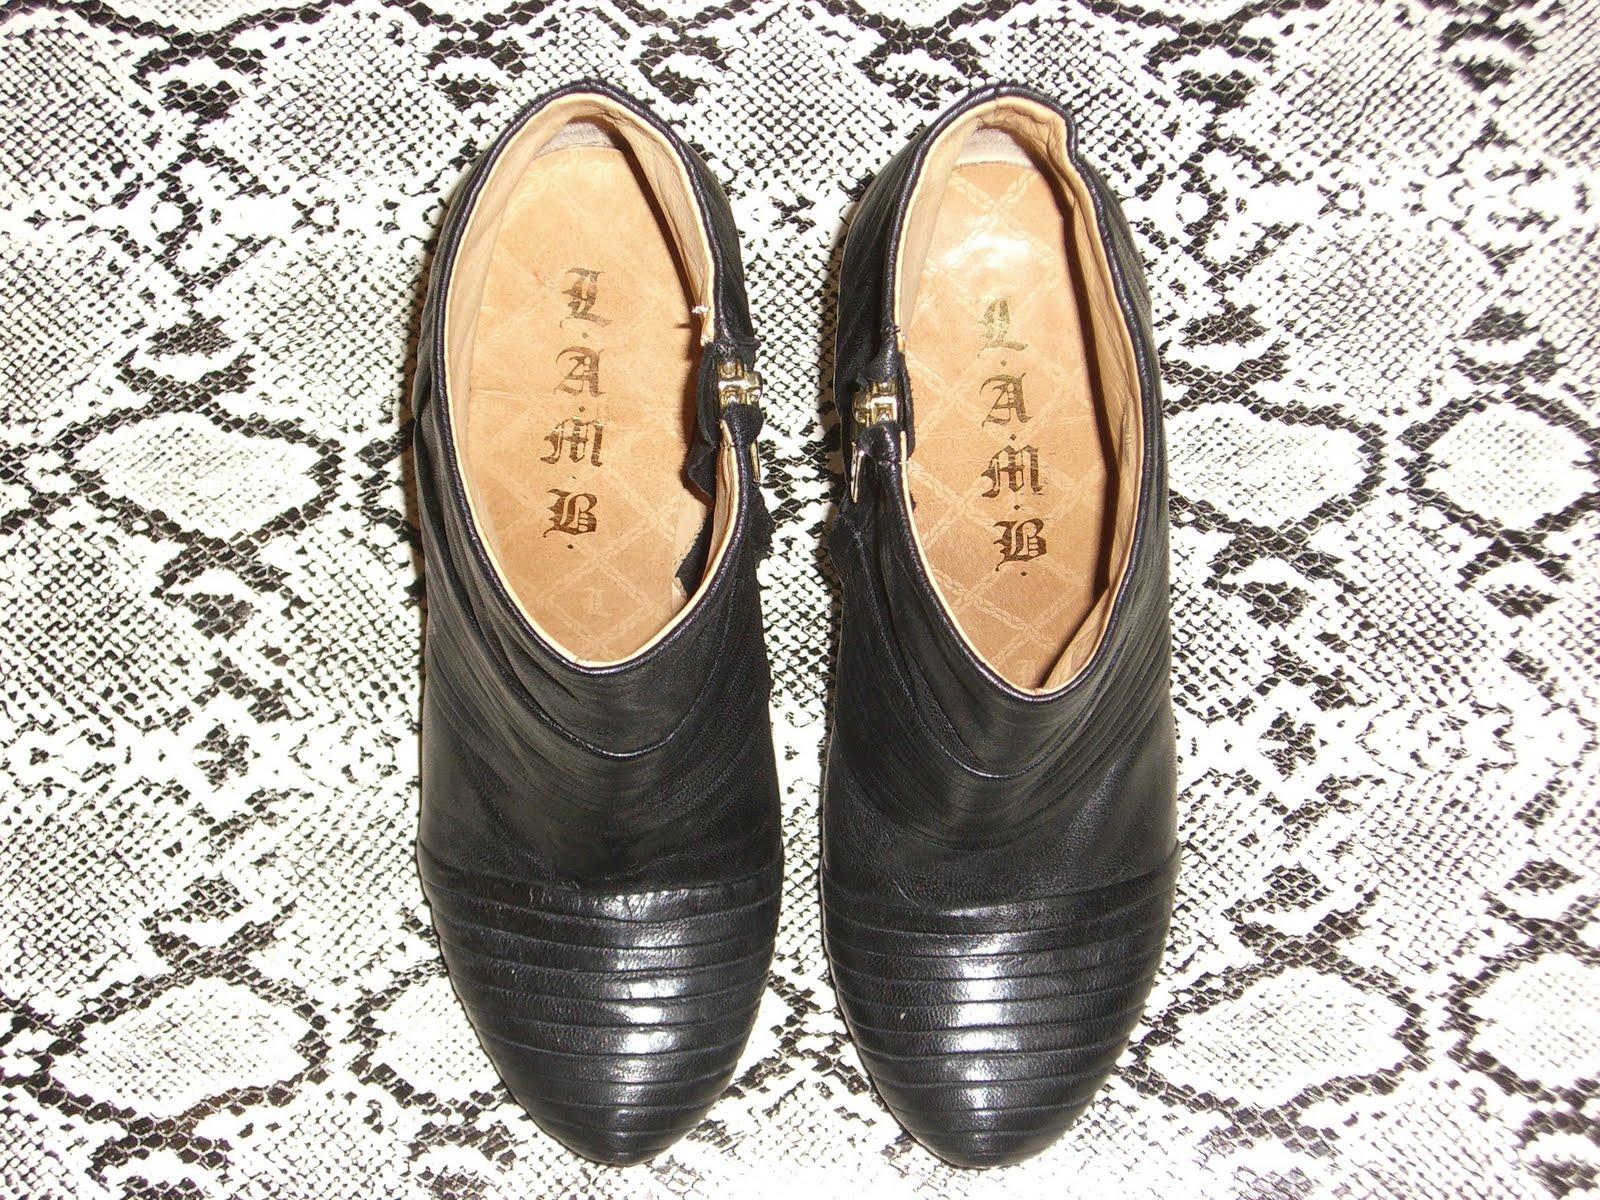 http://1.bp.blogspot.com/_UjJFfjJrjiI/TC5AQTxXc1I/AAAAAAAAAMA/GYrDft2ARuc/s1600/Lamb+Boots.jpg